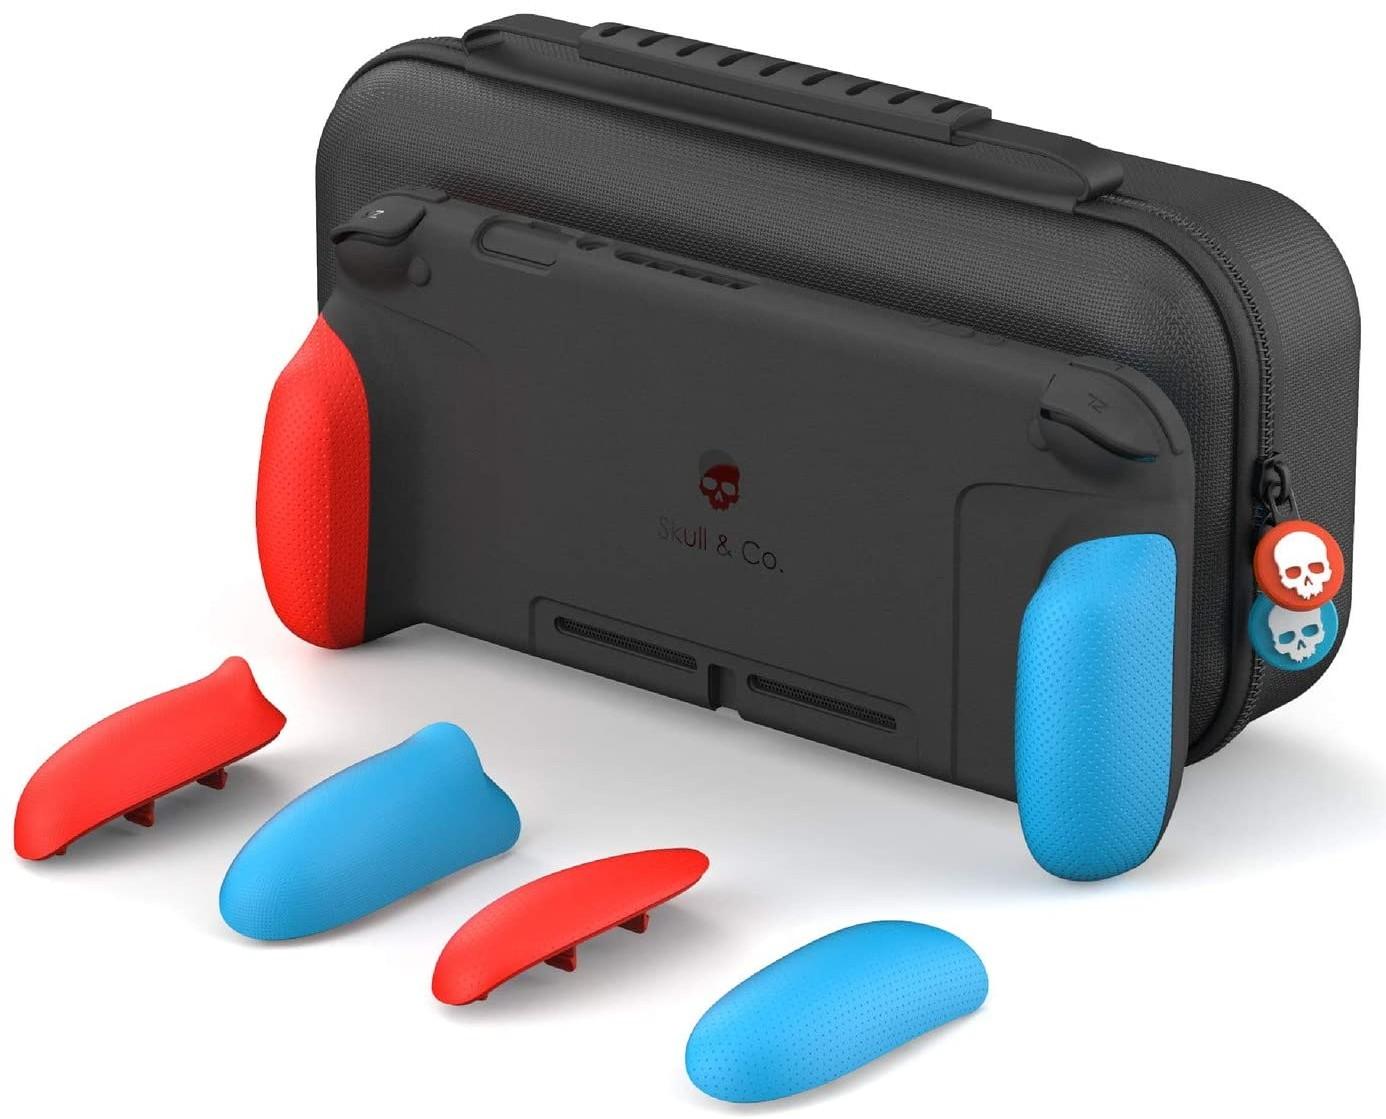 Змінні накладки-рукоятки Skull & Co. Сумка. A Dockable Protective Case with Replaceable Grips Neon Red & Blue для SWITCH Неоново-червоний і Синій